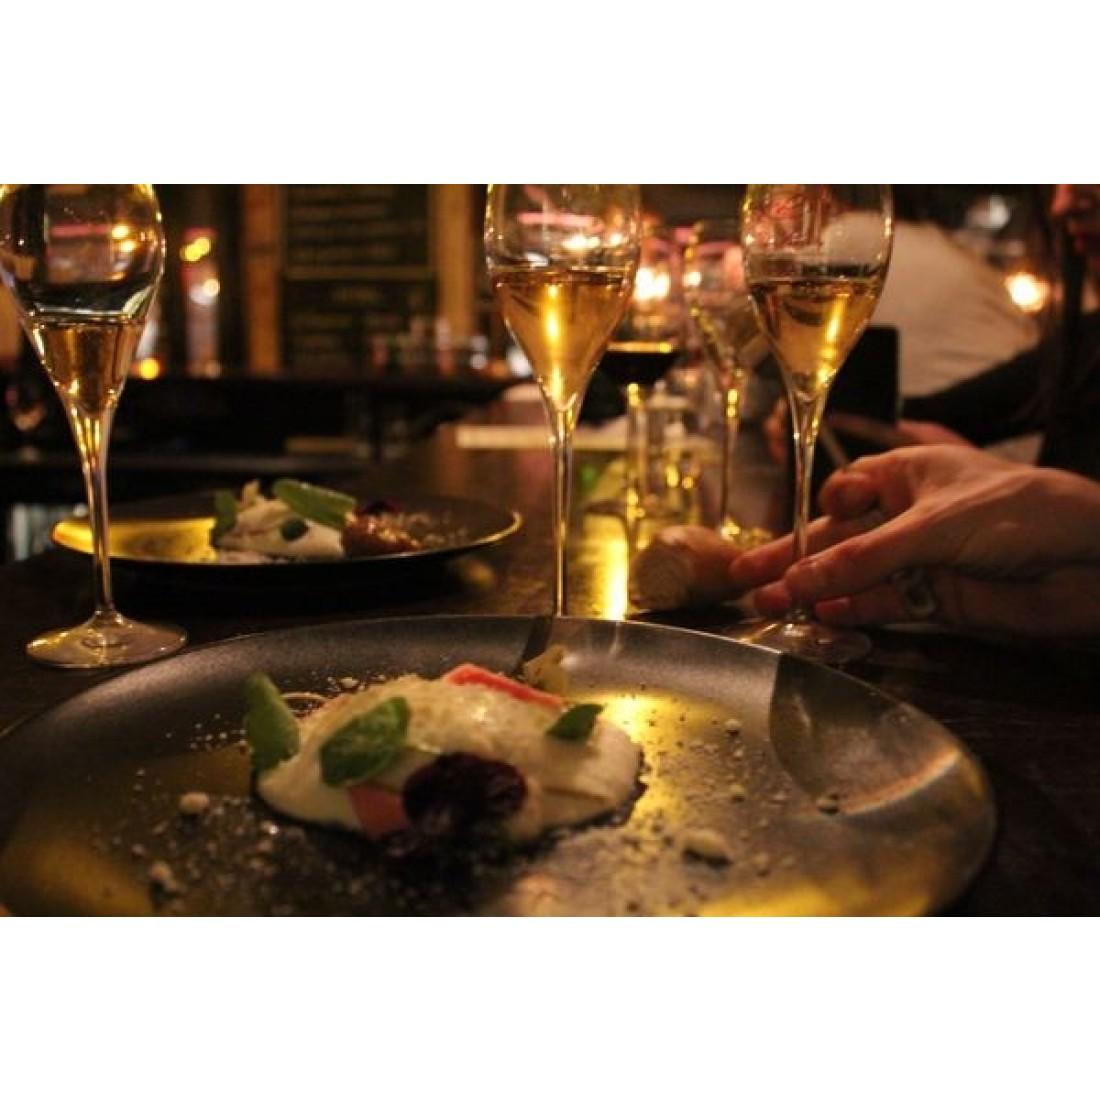 Champagnemiddag på Vesterbro Vinstue Tirsdag den 17 marts kl. 18.30-31